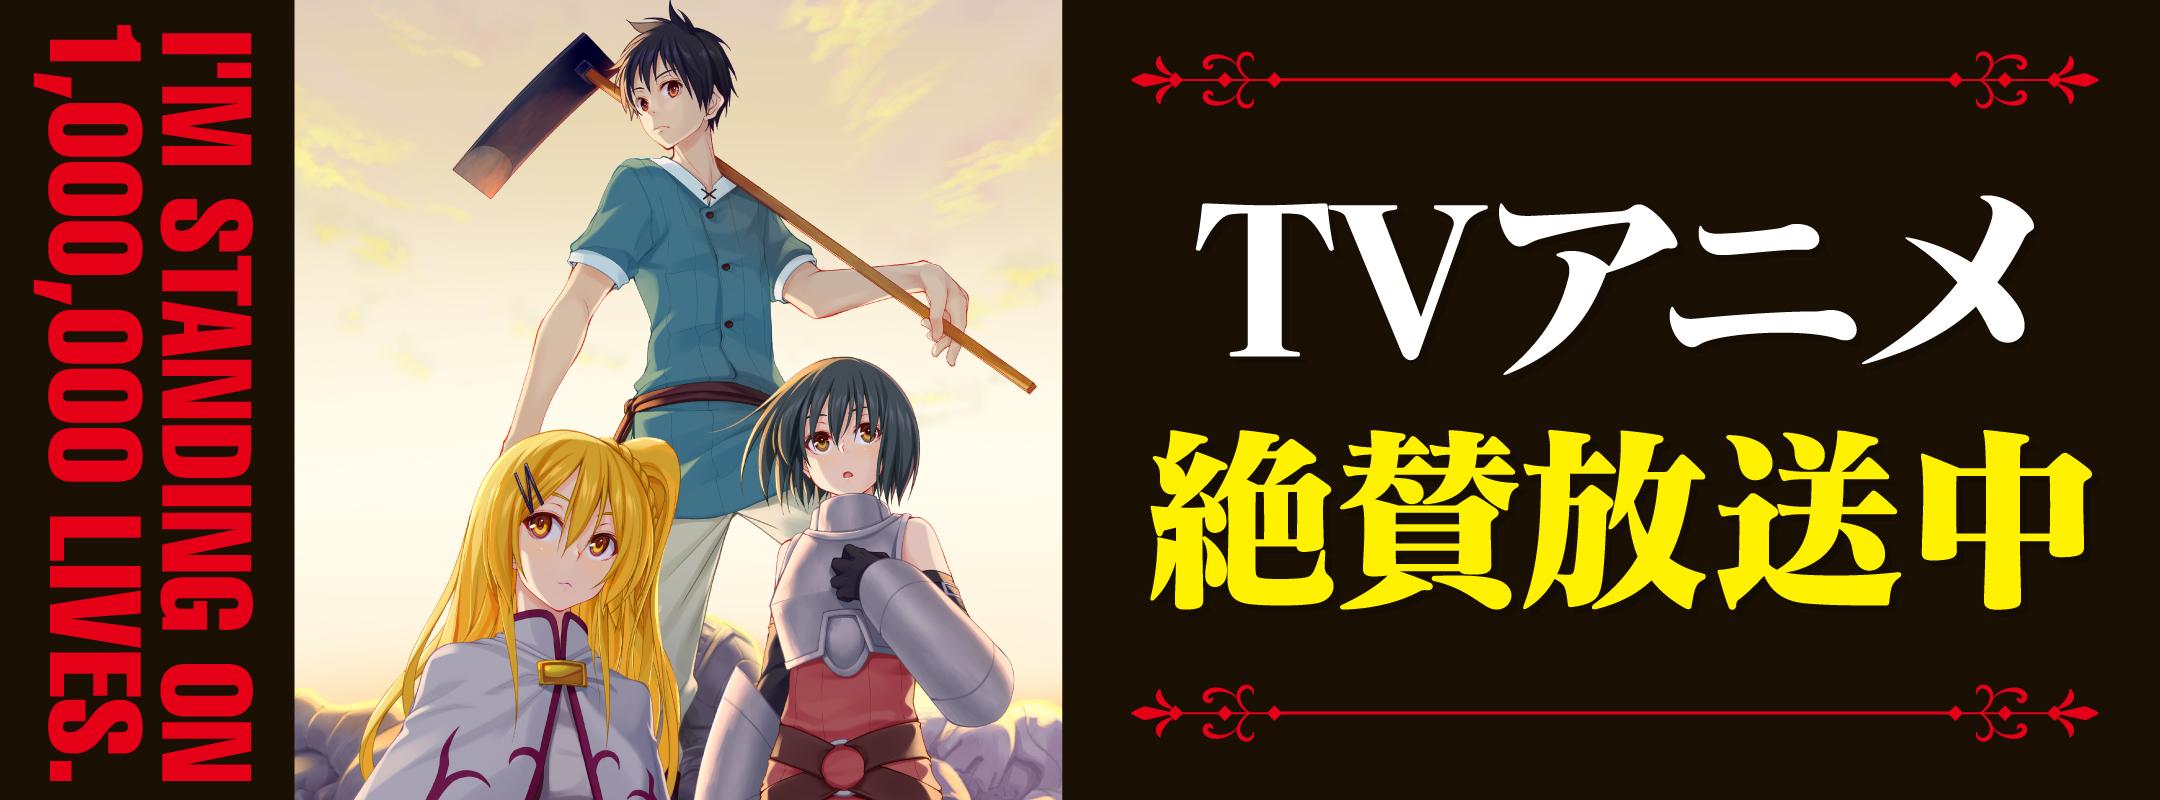 TVアニメ 絶賛放送中